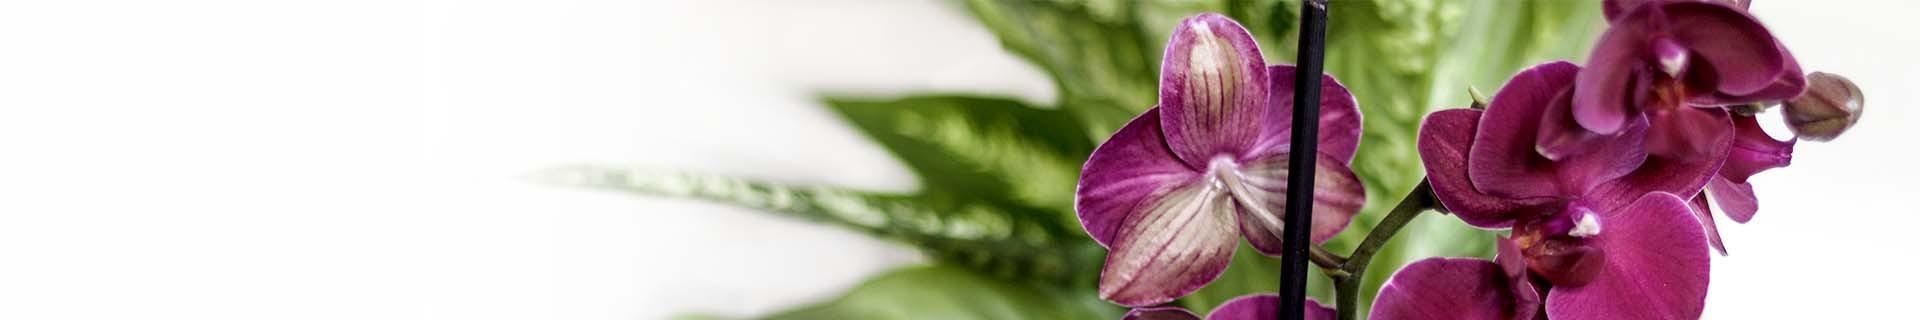 Pflanzen für CitySens vertikalen indoor Garten